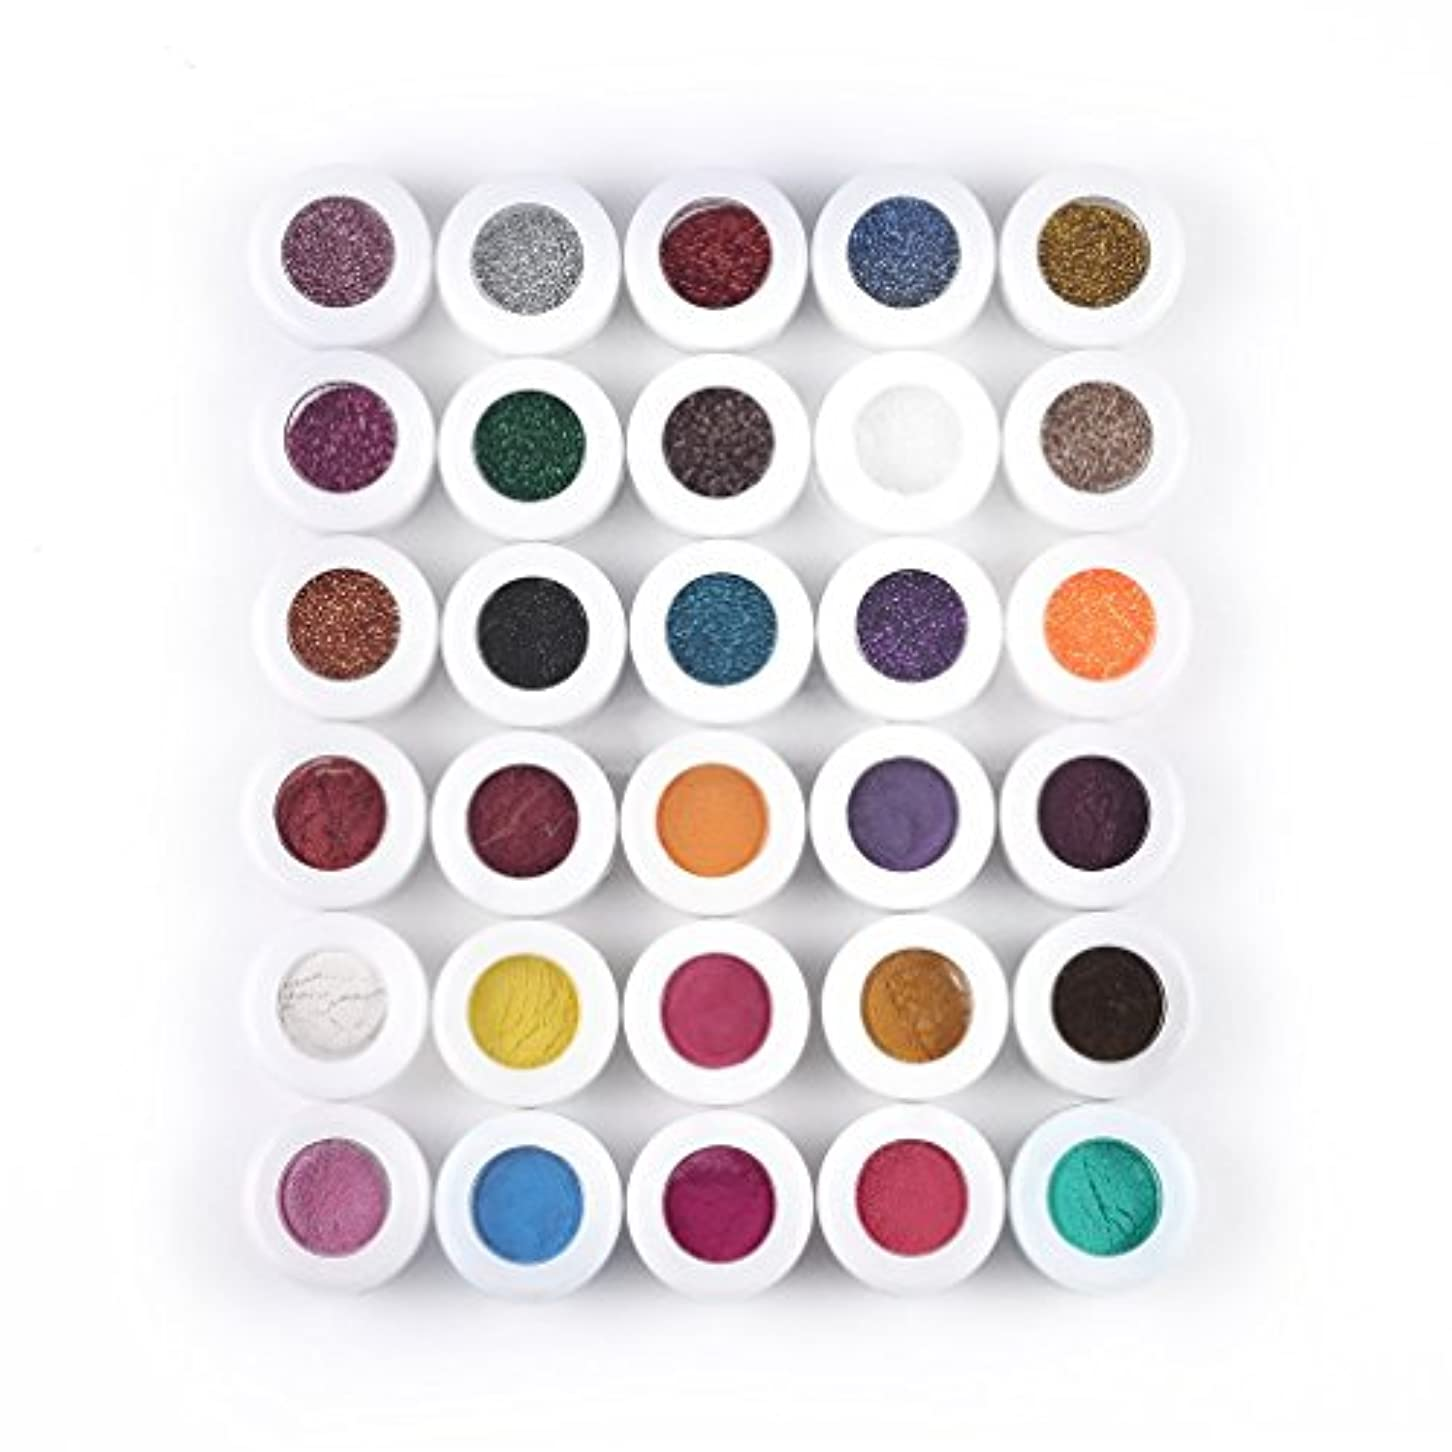 オペラフラフープ本当のことを言うとプロフェッショナルカラフルな30色のアイシャドウパウダーメイクアップミネラルアイシャドウの女性の顔の美容化粧品メイクアップツール